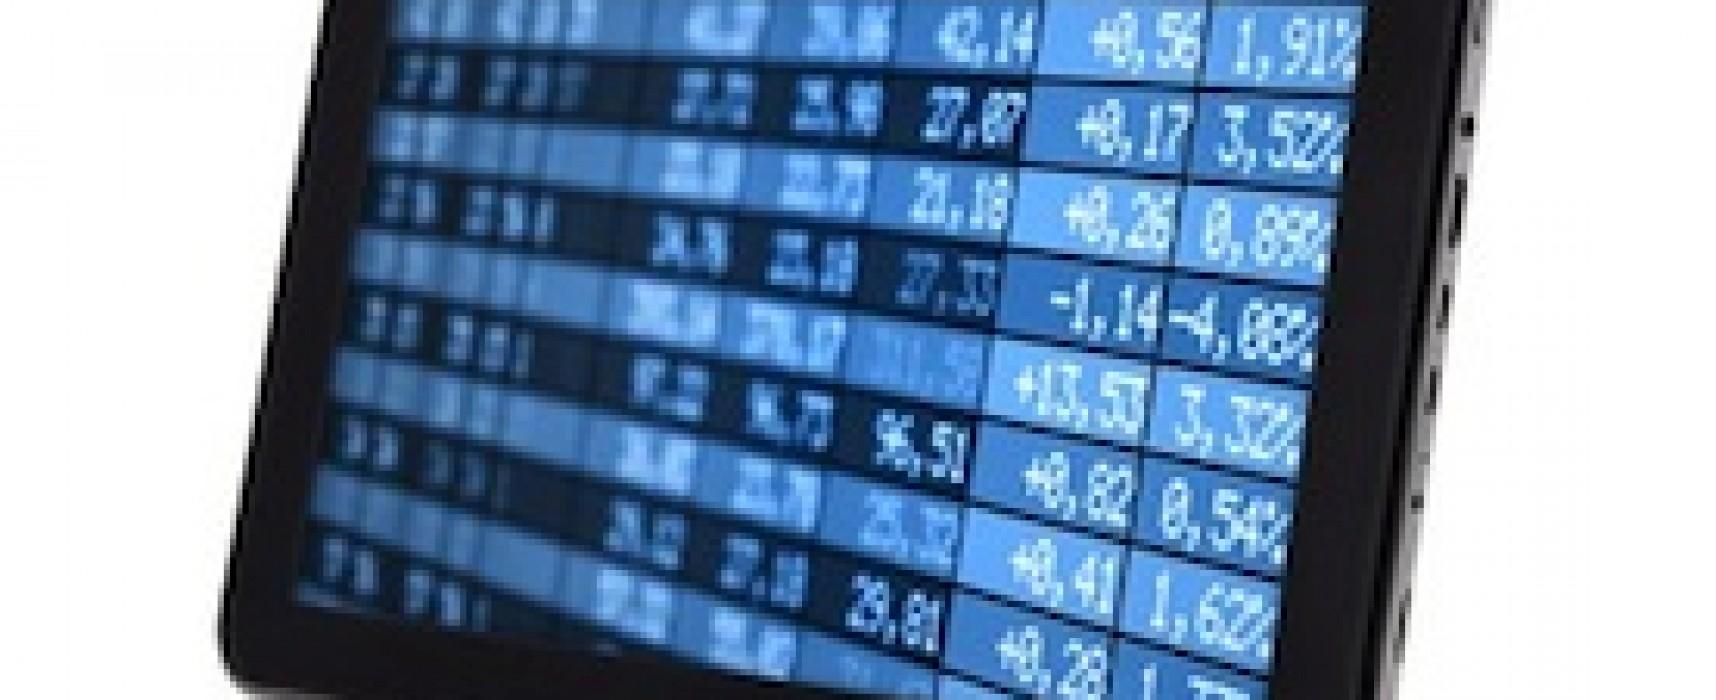 Options trading pitfalls